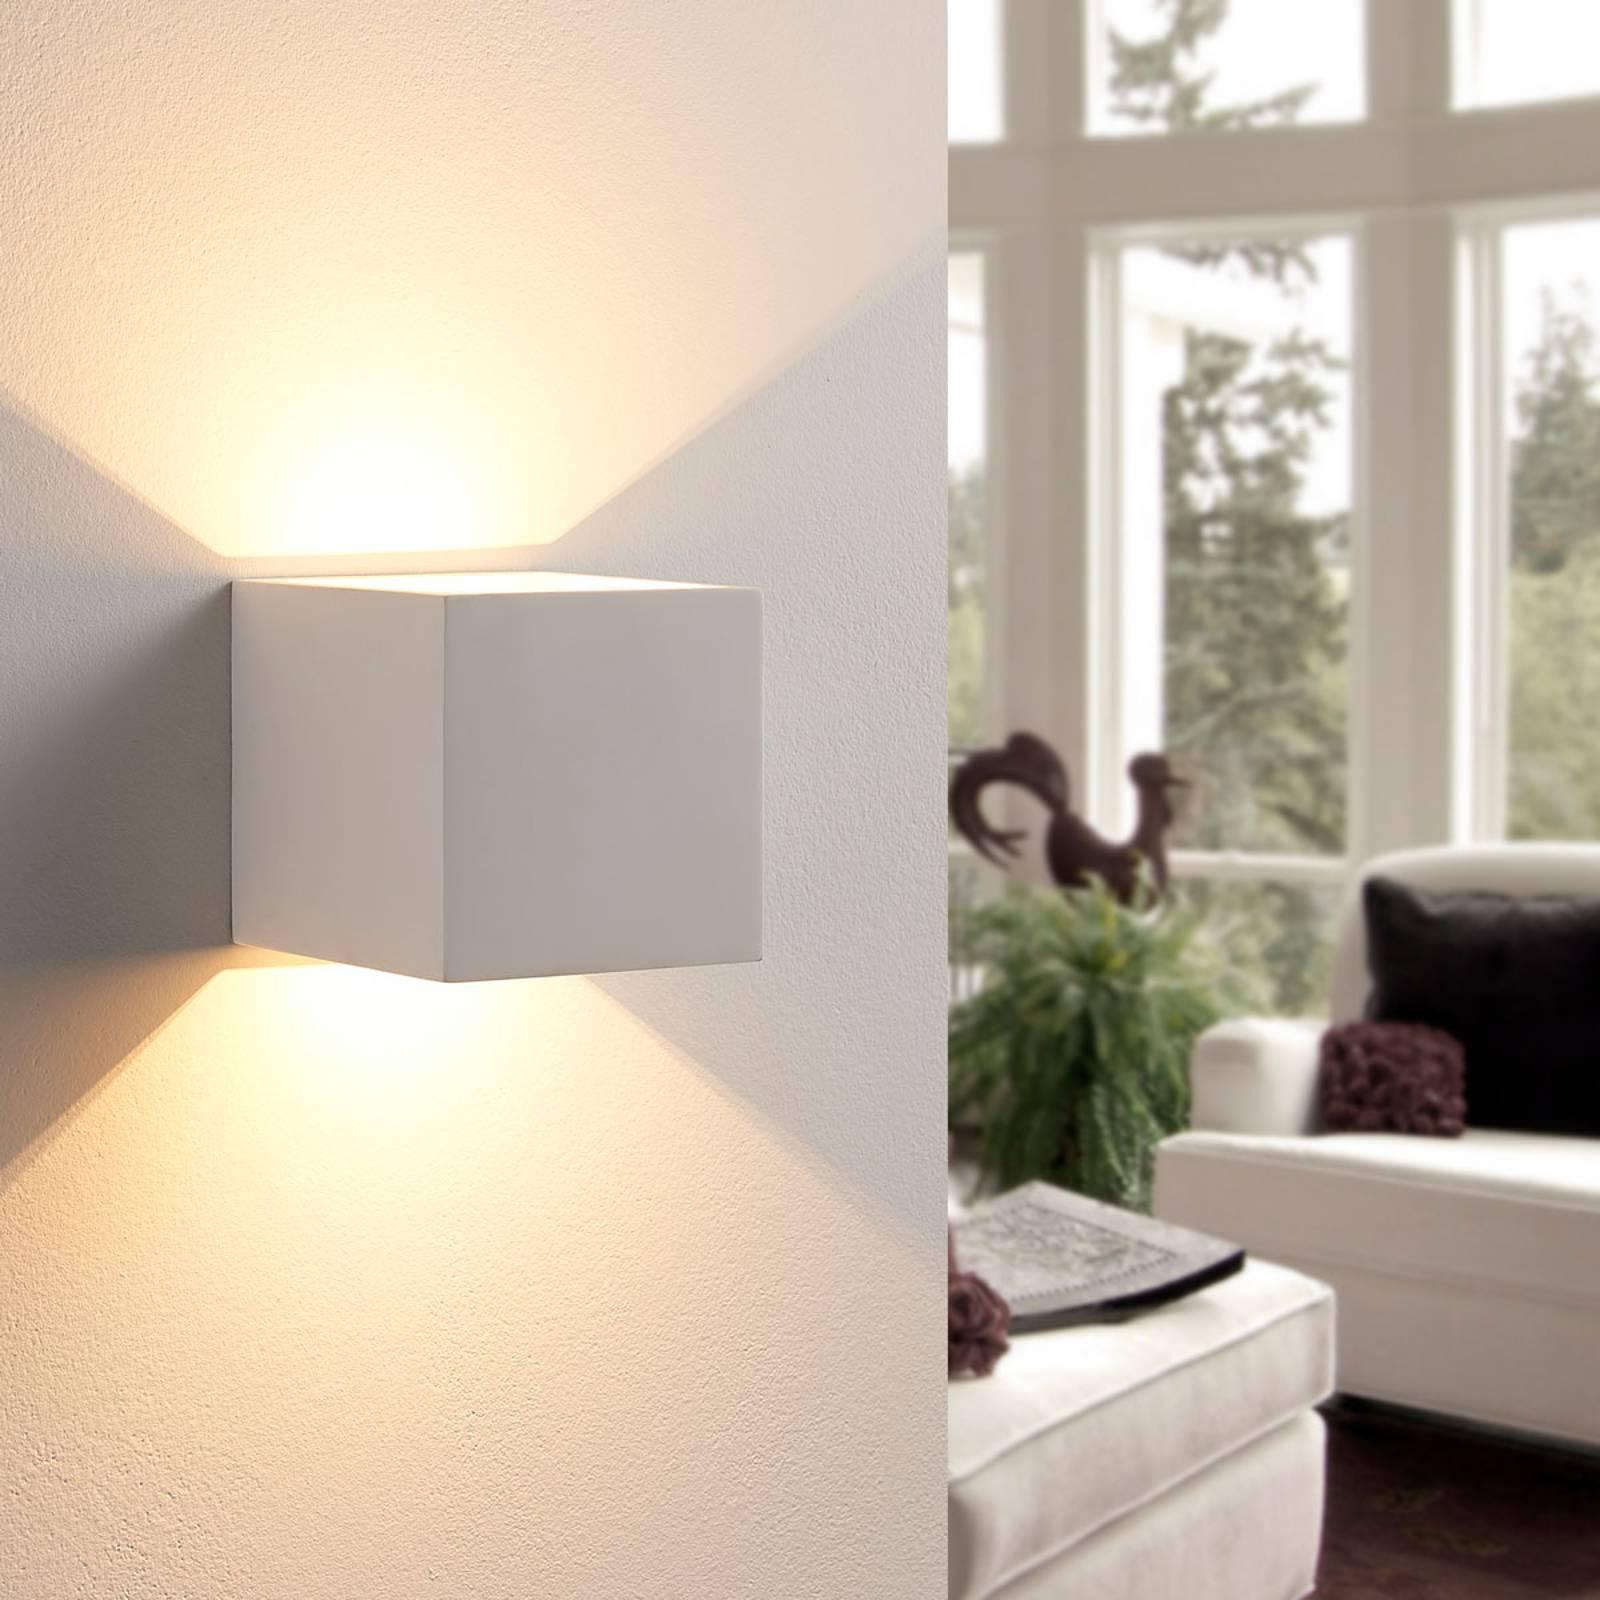 Kubusvormige LED wandlamp Kay van gips